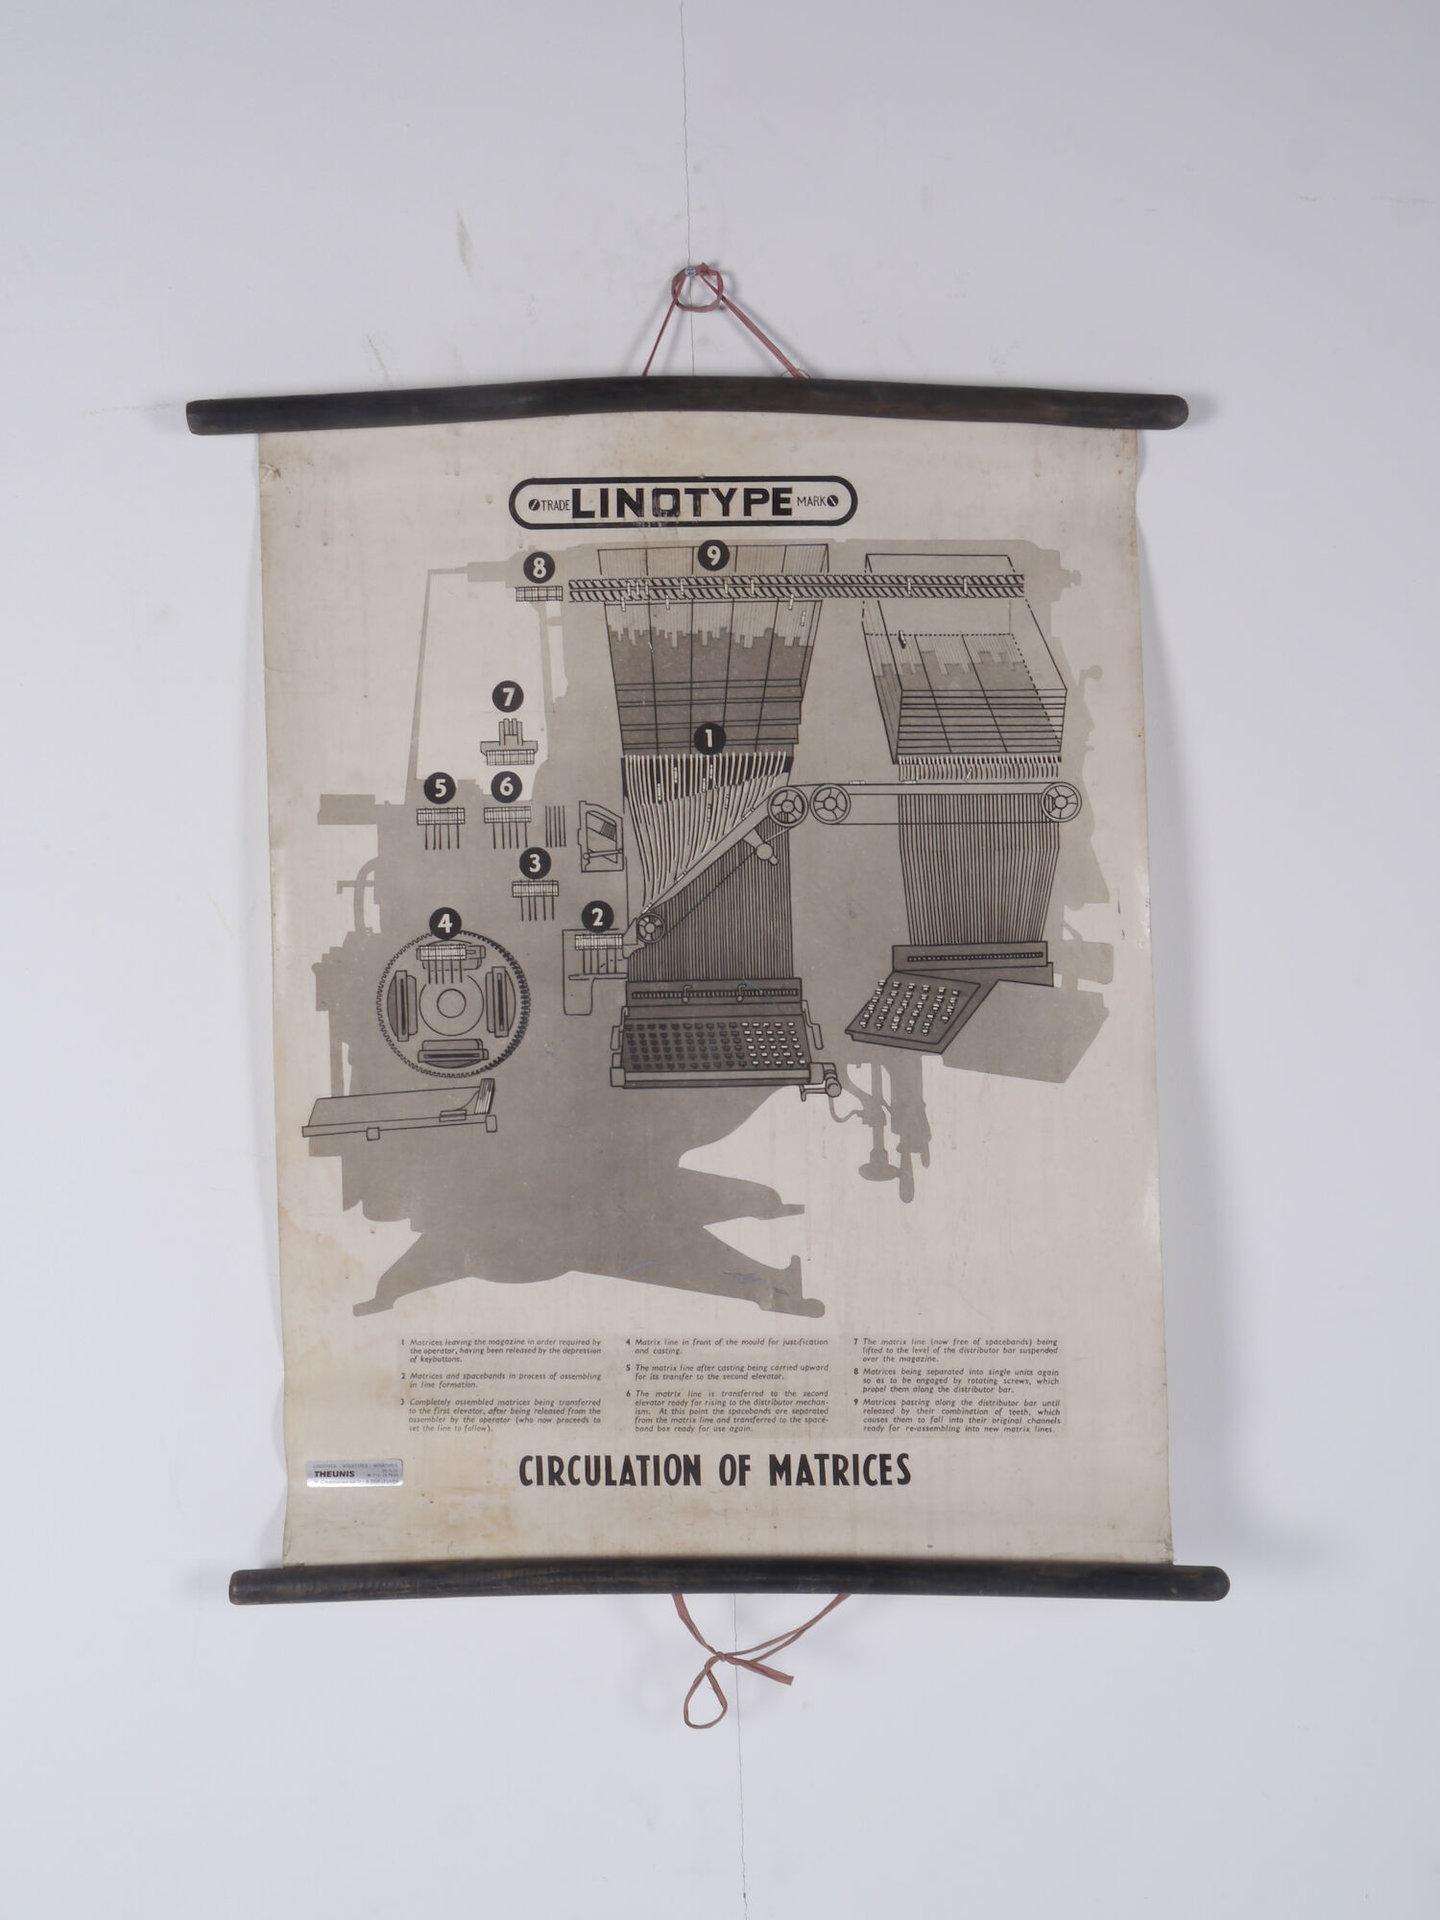 Didactische wandplaat over de matrijzen in een Linotype